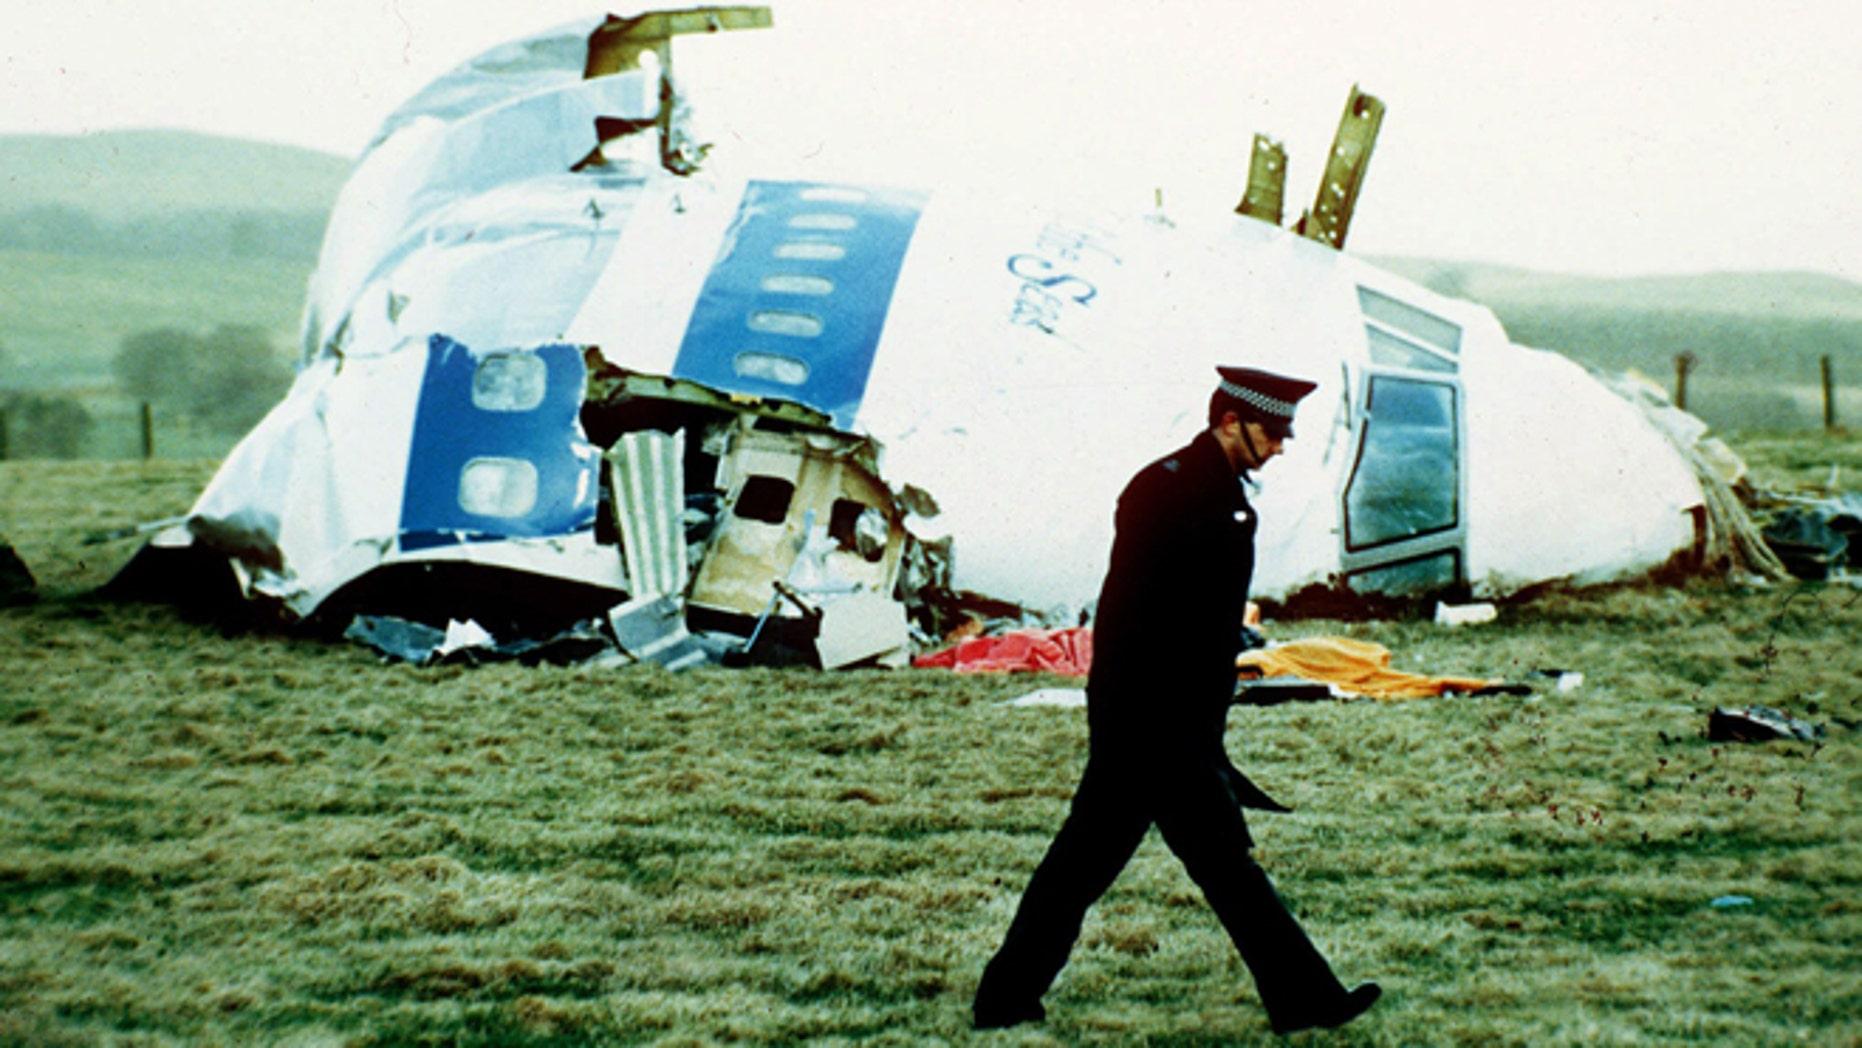 Un policía pasa frente a los restos del avión de Pan Am en Lockerbie, Escocia, el 21 de diciembre de 1988. Abdel Baset al-Megrahi, un libio encontrado culpable del atentado donde murieron 270 personas, murió a los 60 años debido al cáncer, se informó el domingo 20 de abril de 2012. (Foto AP/Martin Cleaver, Archivo)